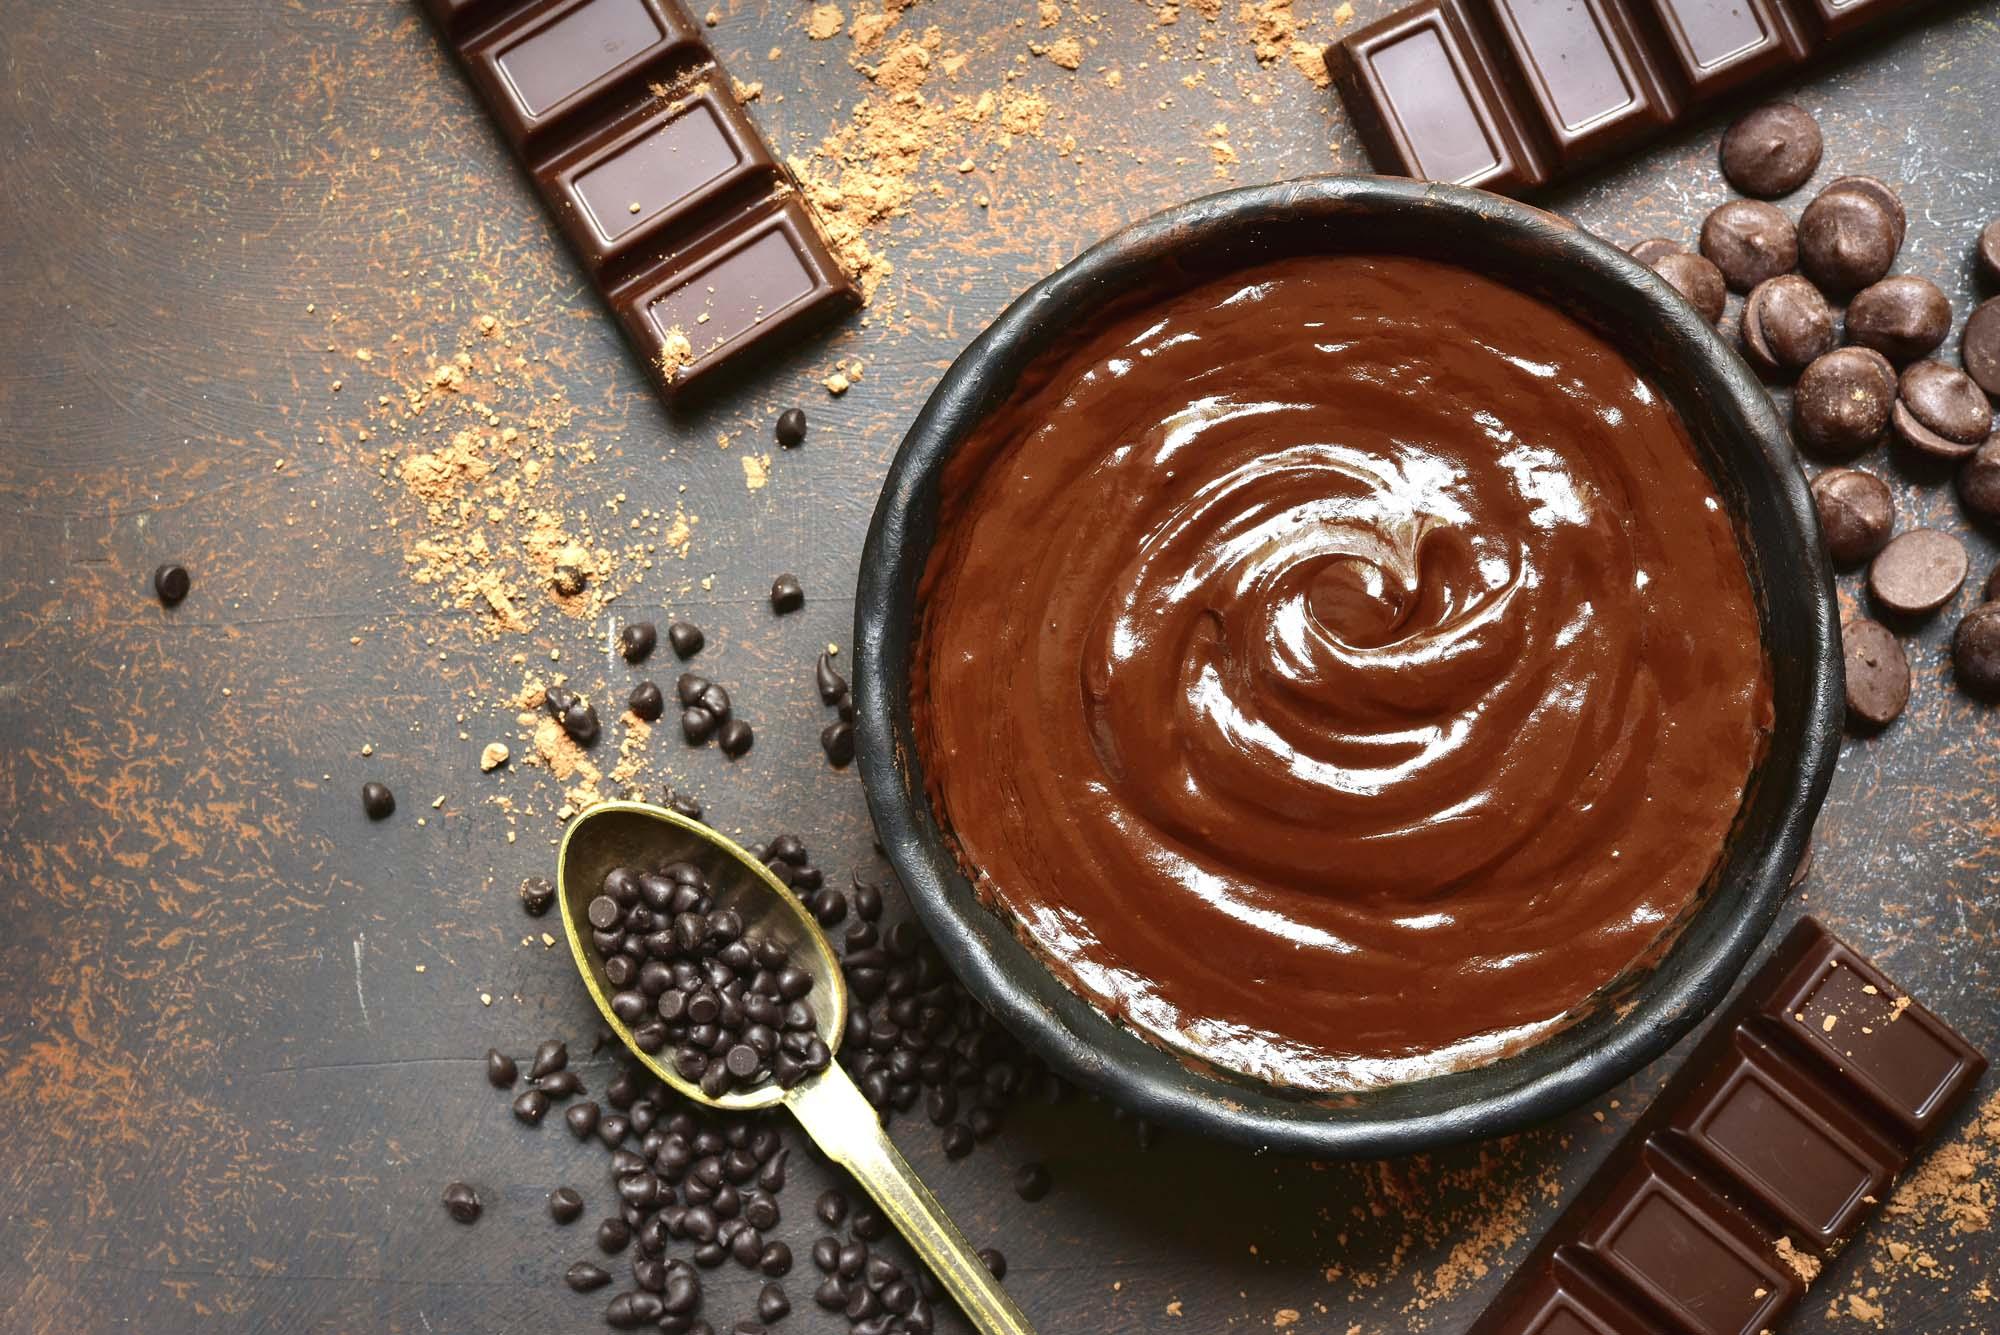 Chokolade ganache til opsmøring